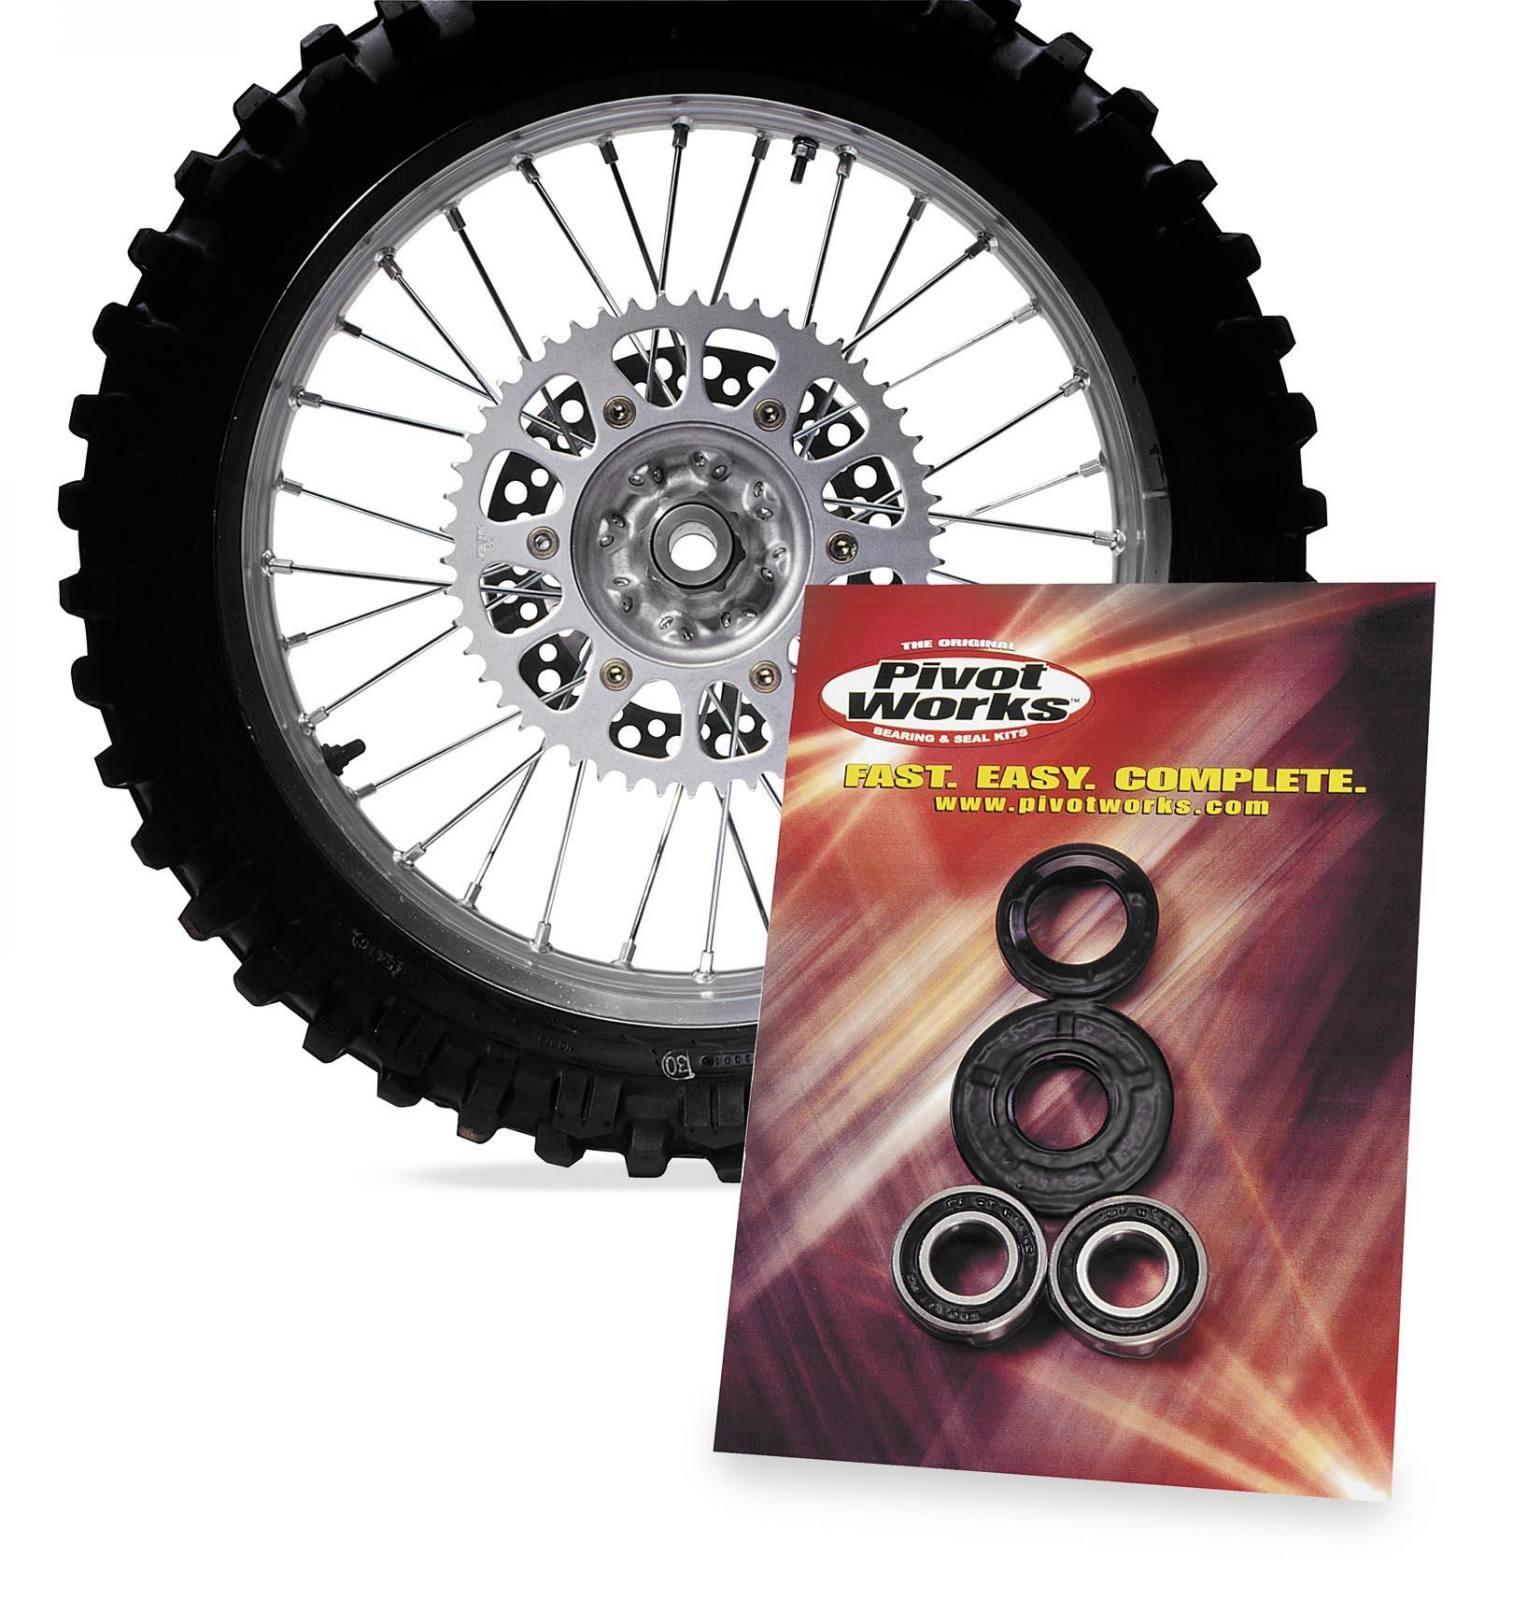 Wheel Seal//Bearing Kit For 1985 Honda ATC250R ATV~Pivot Works PWFWK-H17-032